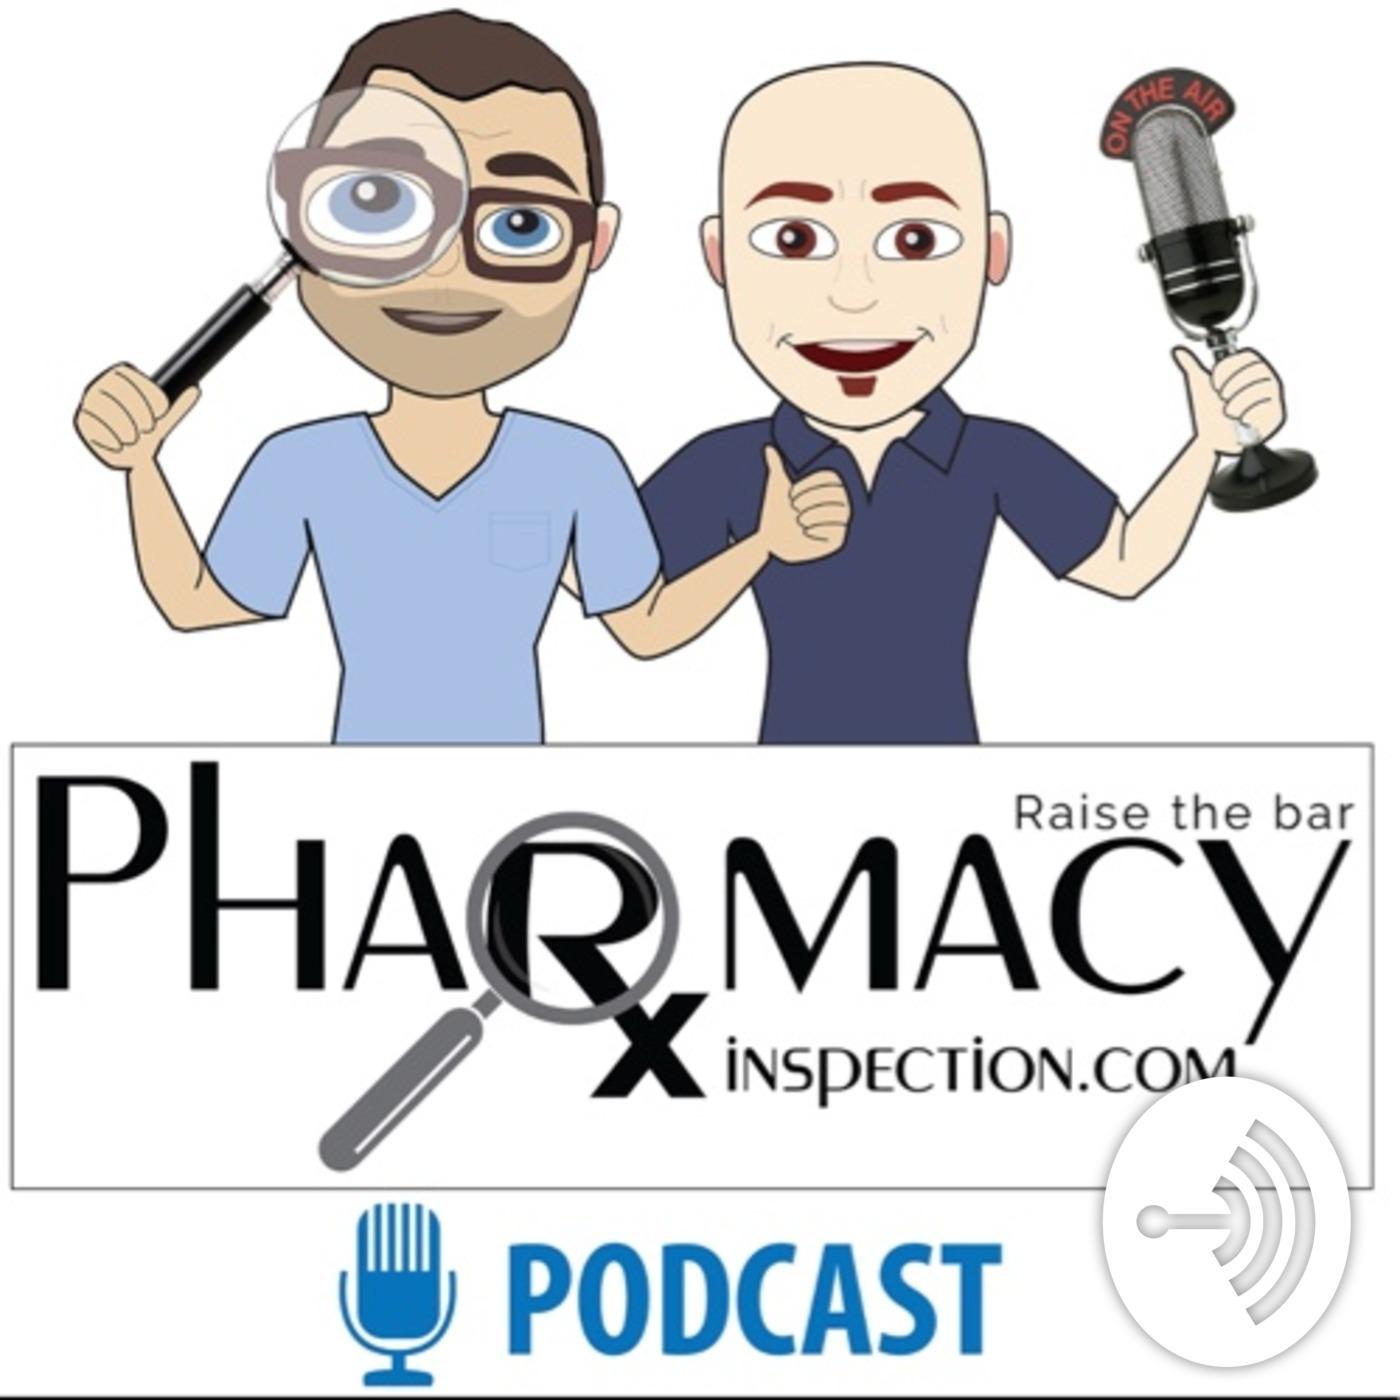 Pharmacy Inspection Podcast Episode 34 – Viable Air Sampling